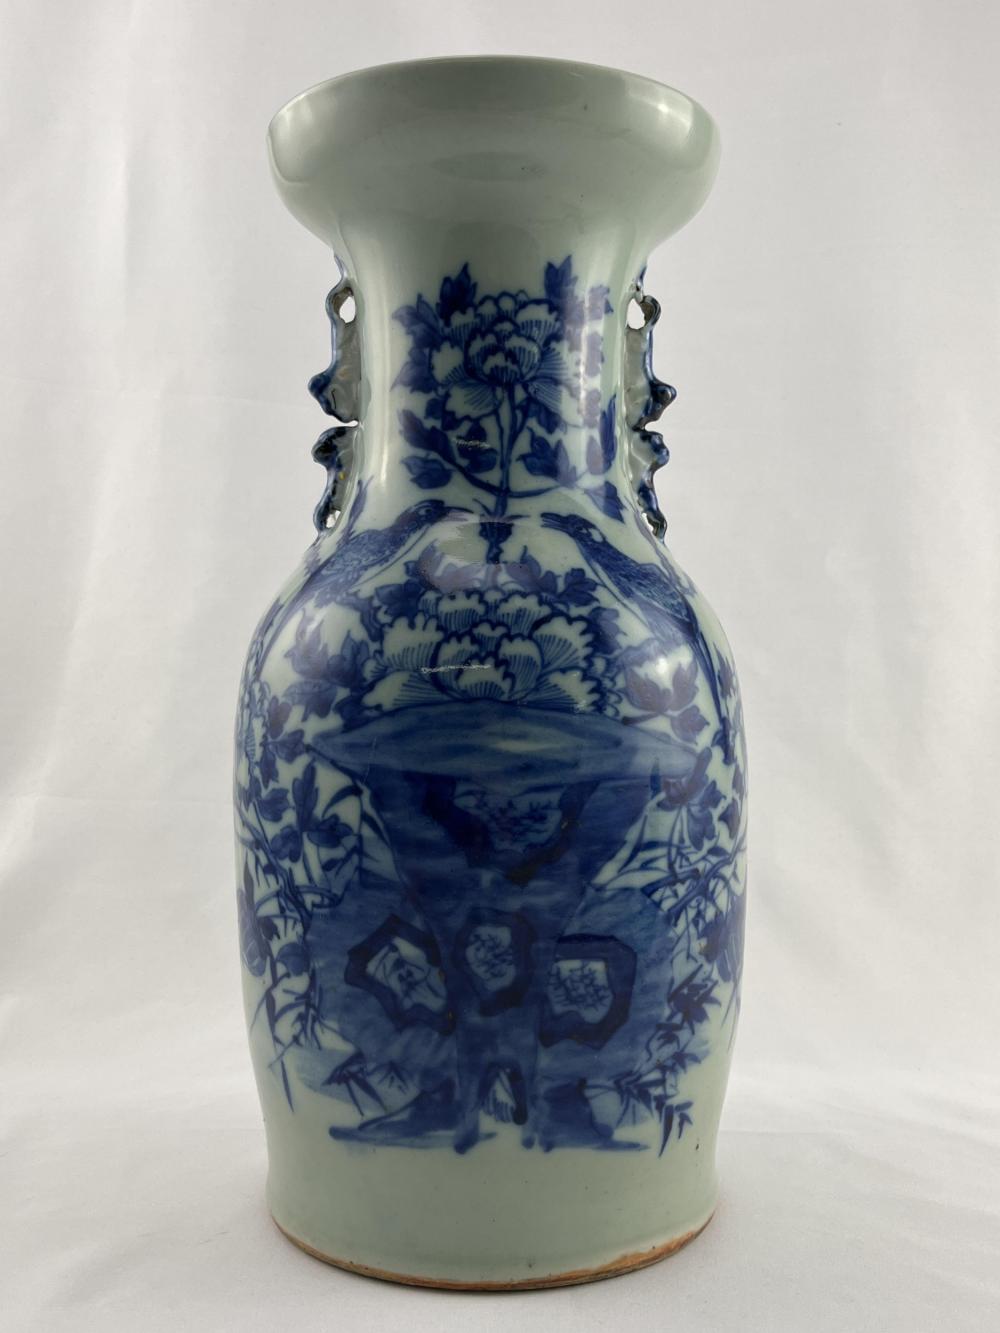 Large Chinese Blue and White Celadon Vase